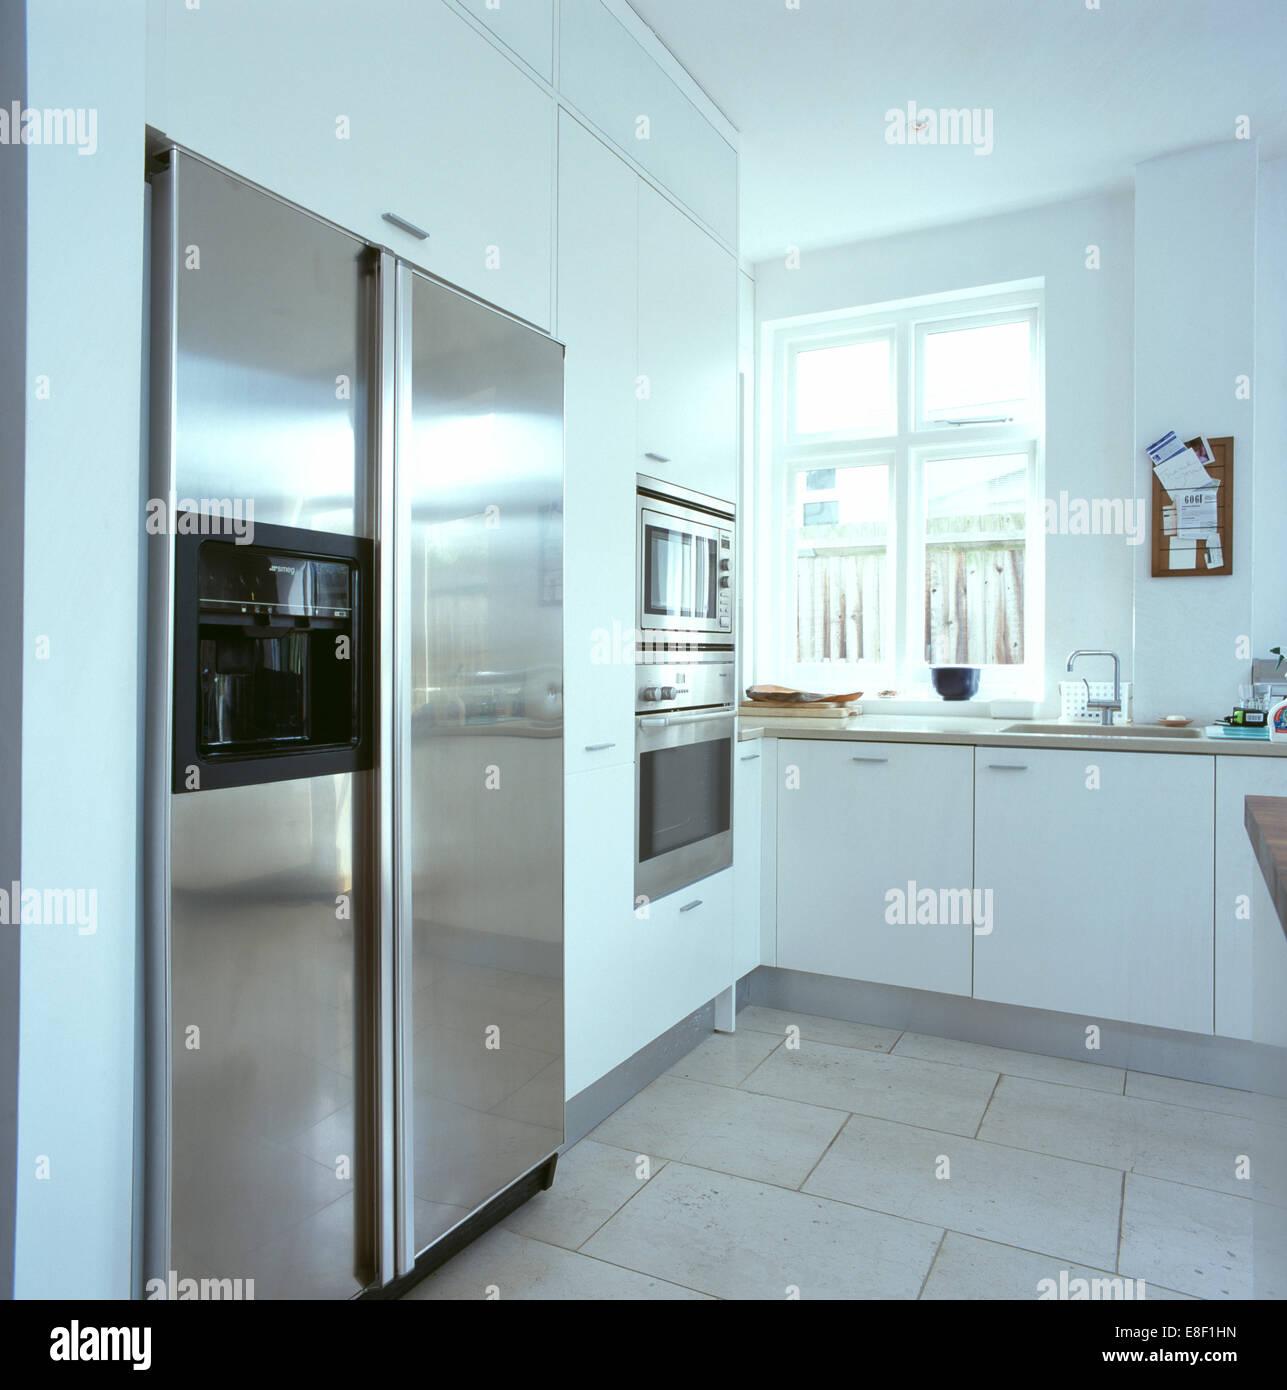 sch n k hlschrank american style galerie die besten wohnideen. Black Bedroom Furniture Sets. Home Design Ideas